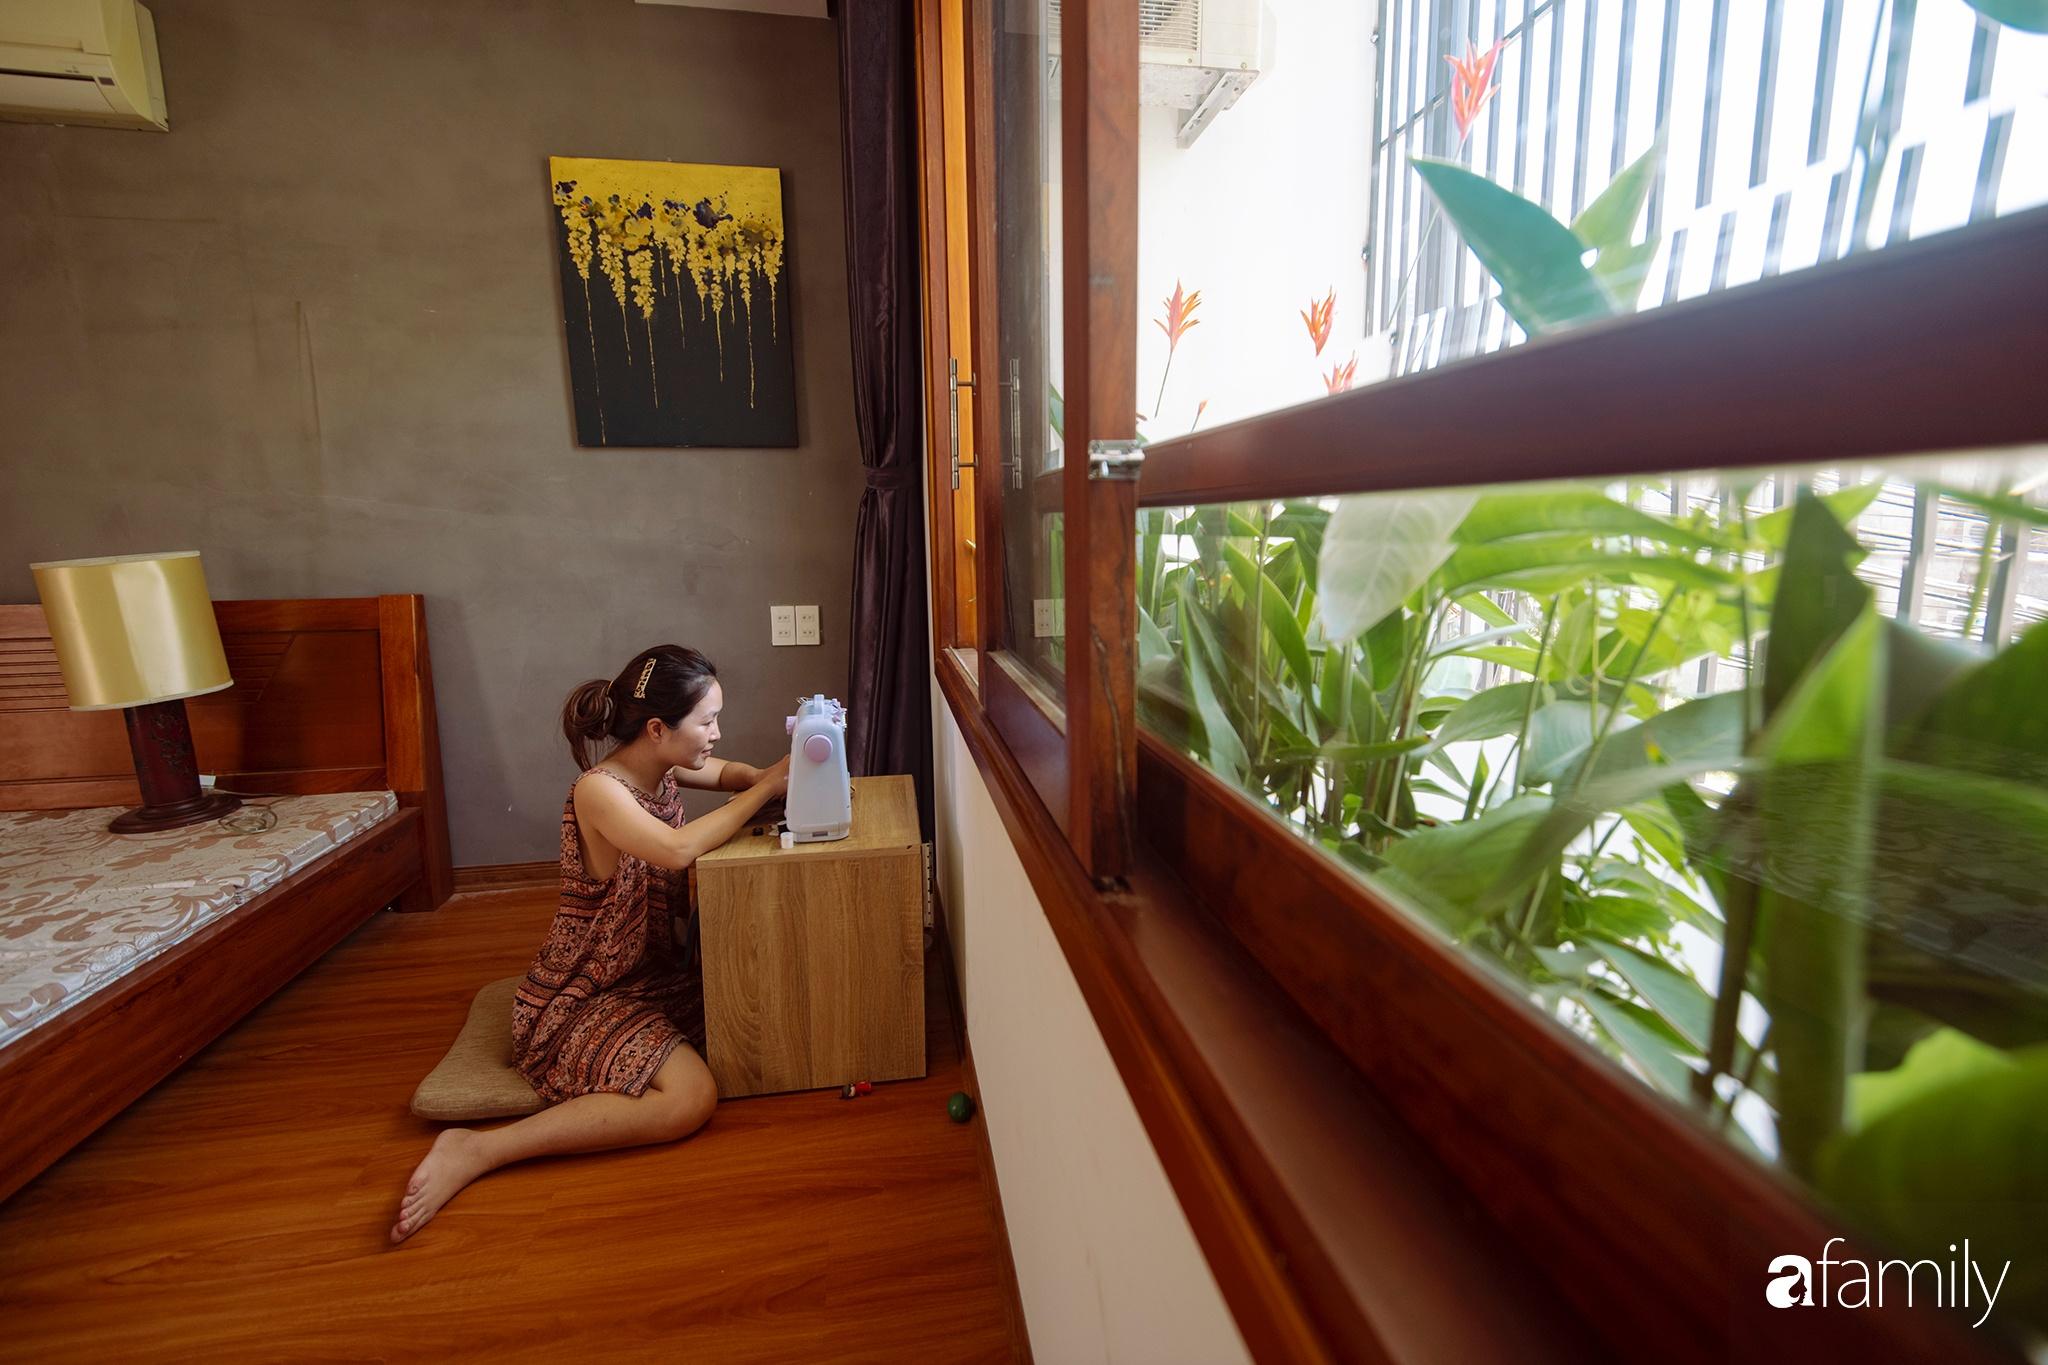 Ngôi nhà 80m² được xây dựng từ những ký ức tuổi thơ yên bình ở thành phố biển Đà Nẵng - Ảnh 15.